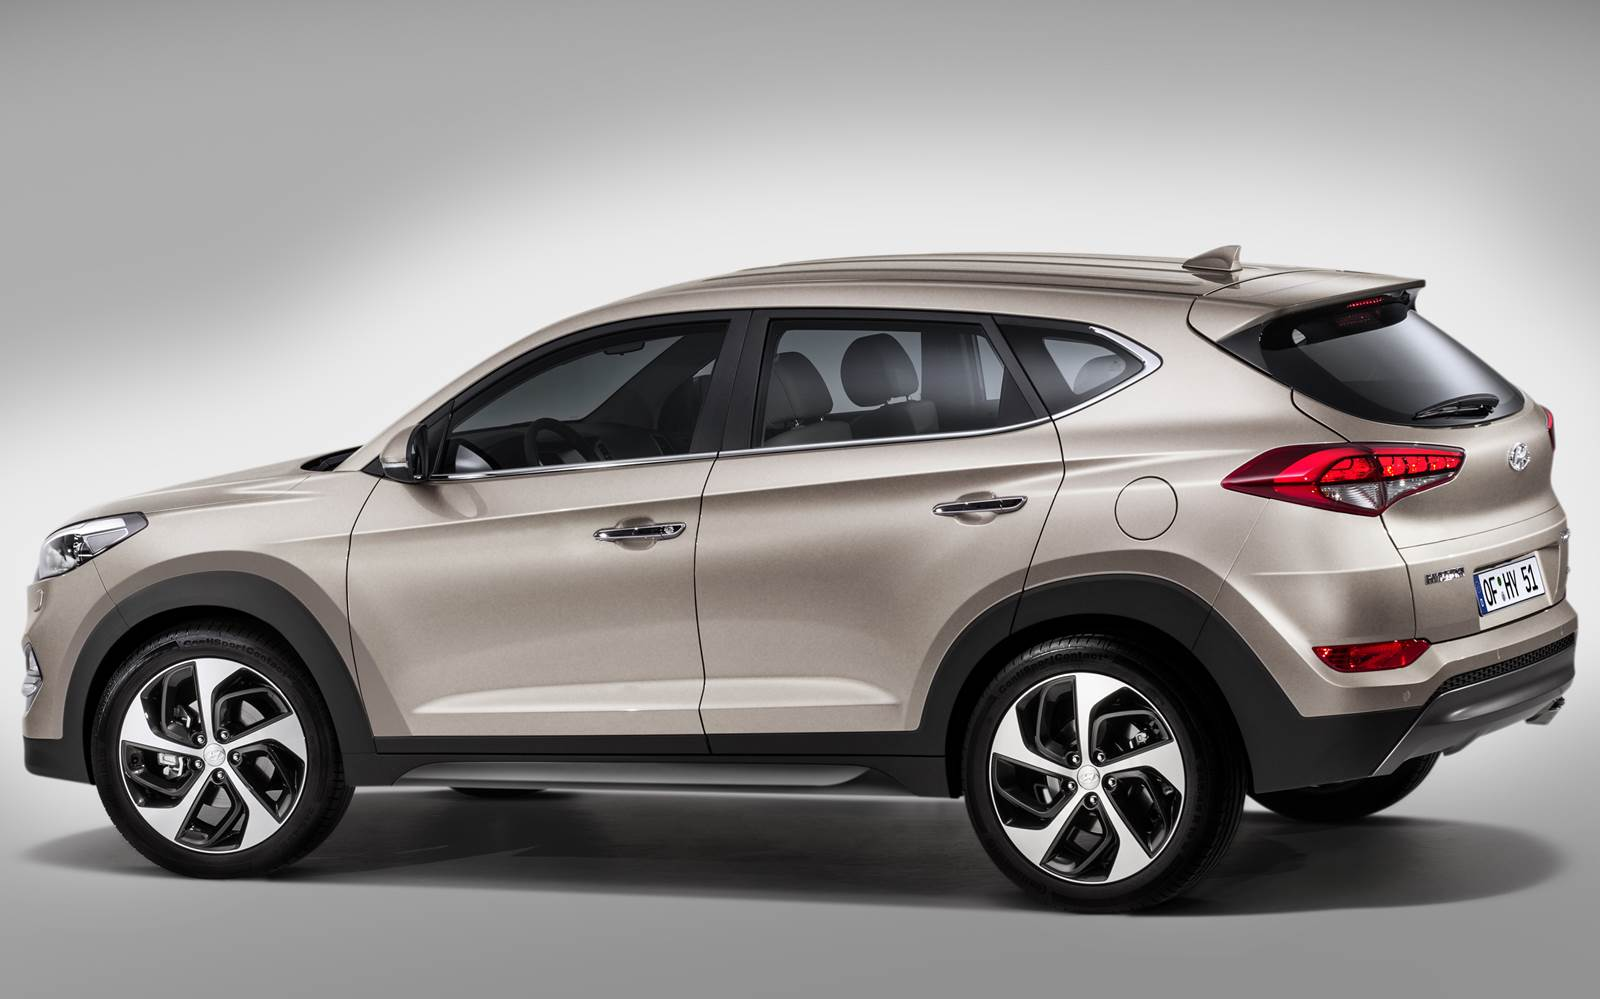 de comercialização ou produção do novo Hyundai ix35 no Brasil